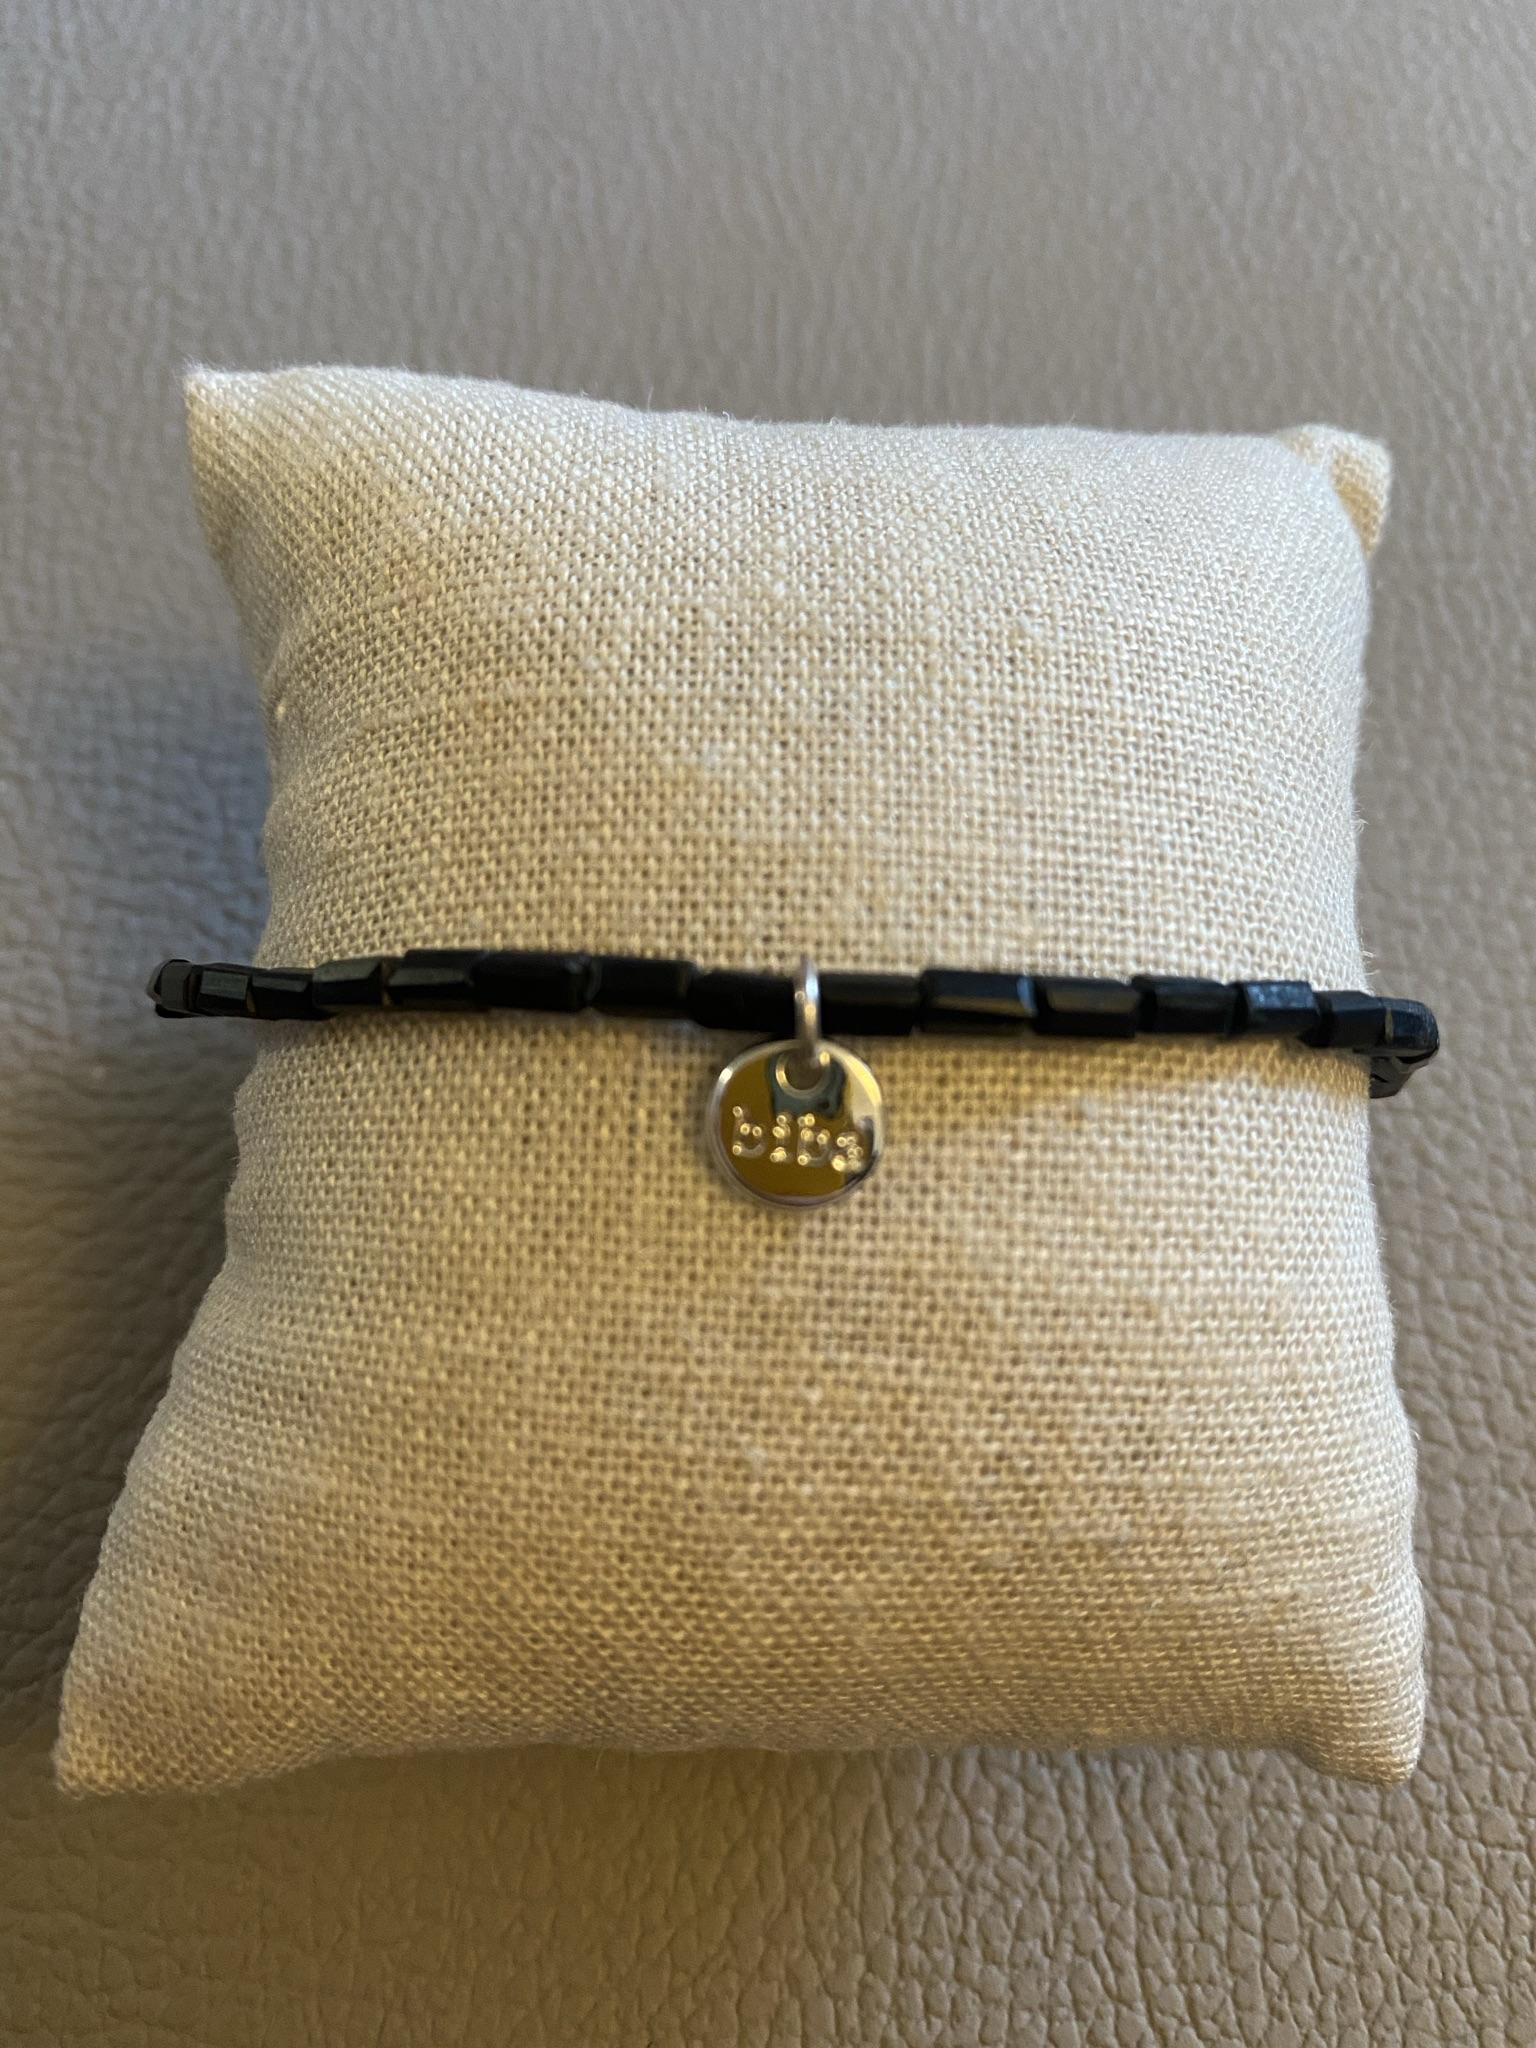 Biba Armband schwarz matt silber